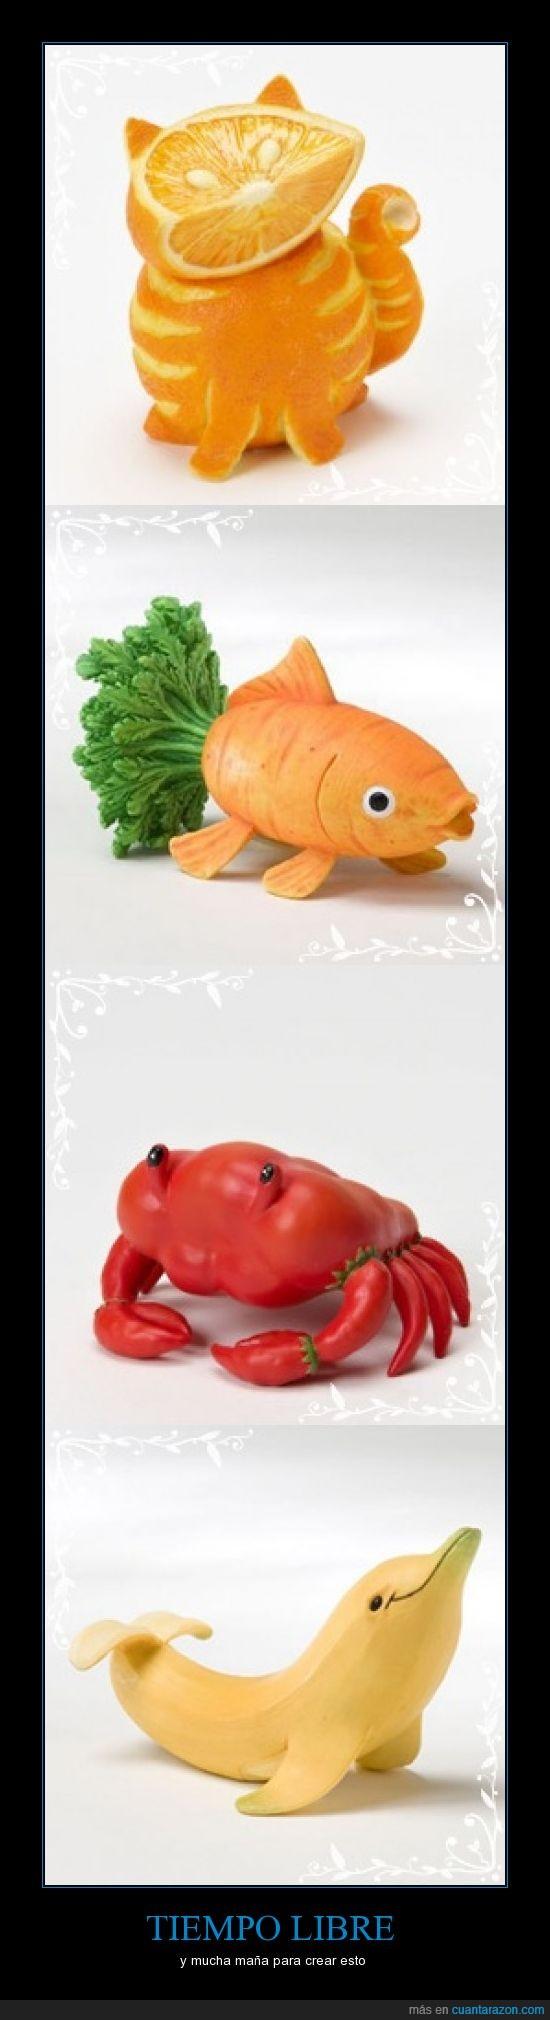 animales,frutas,hortalizas